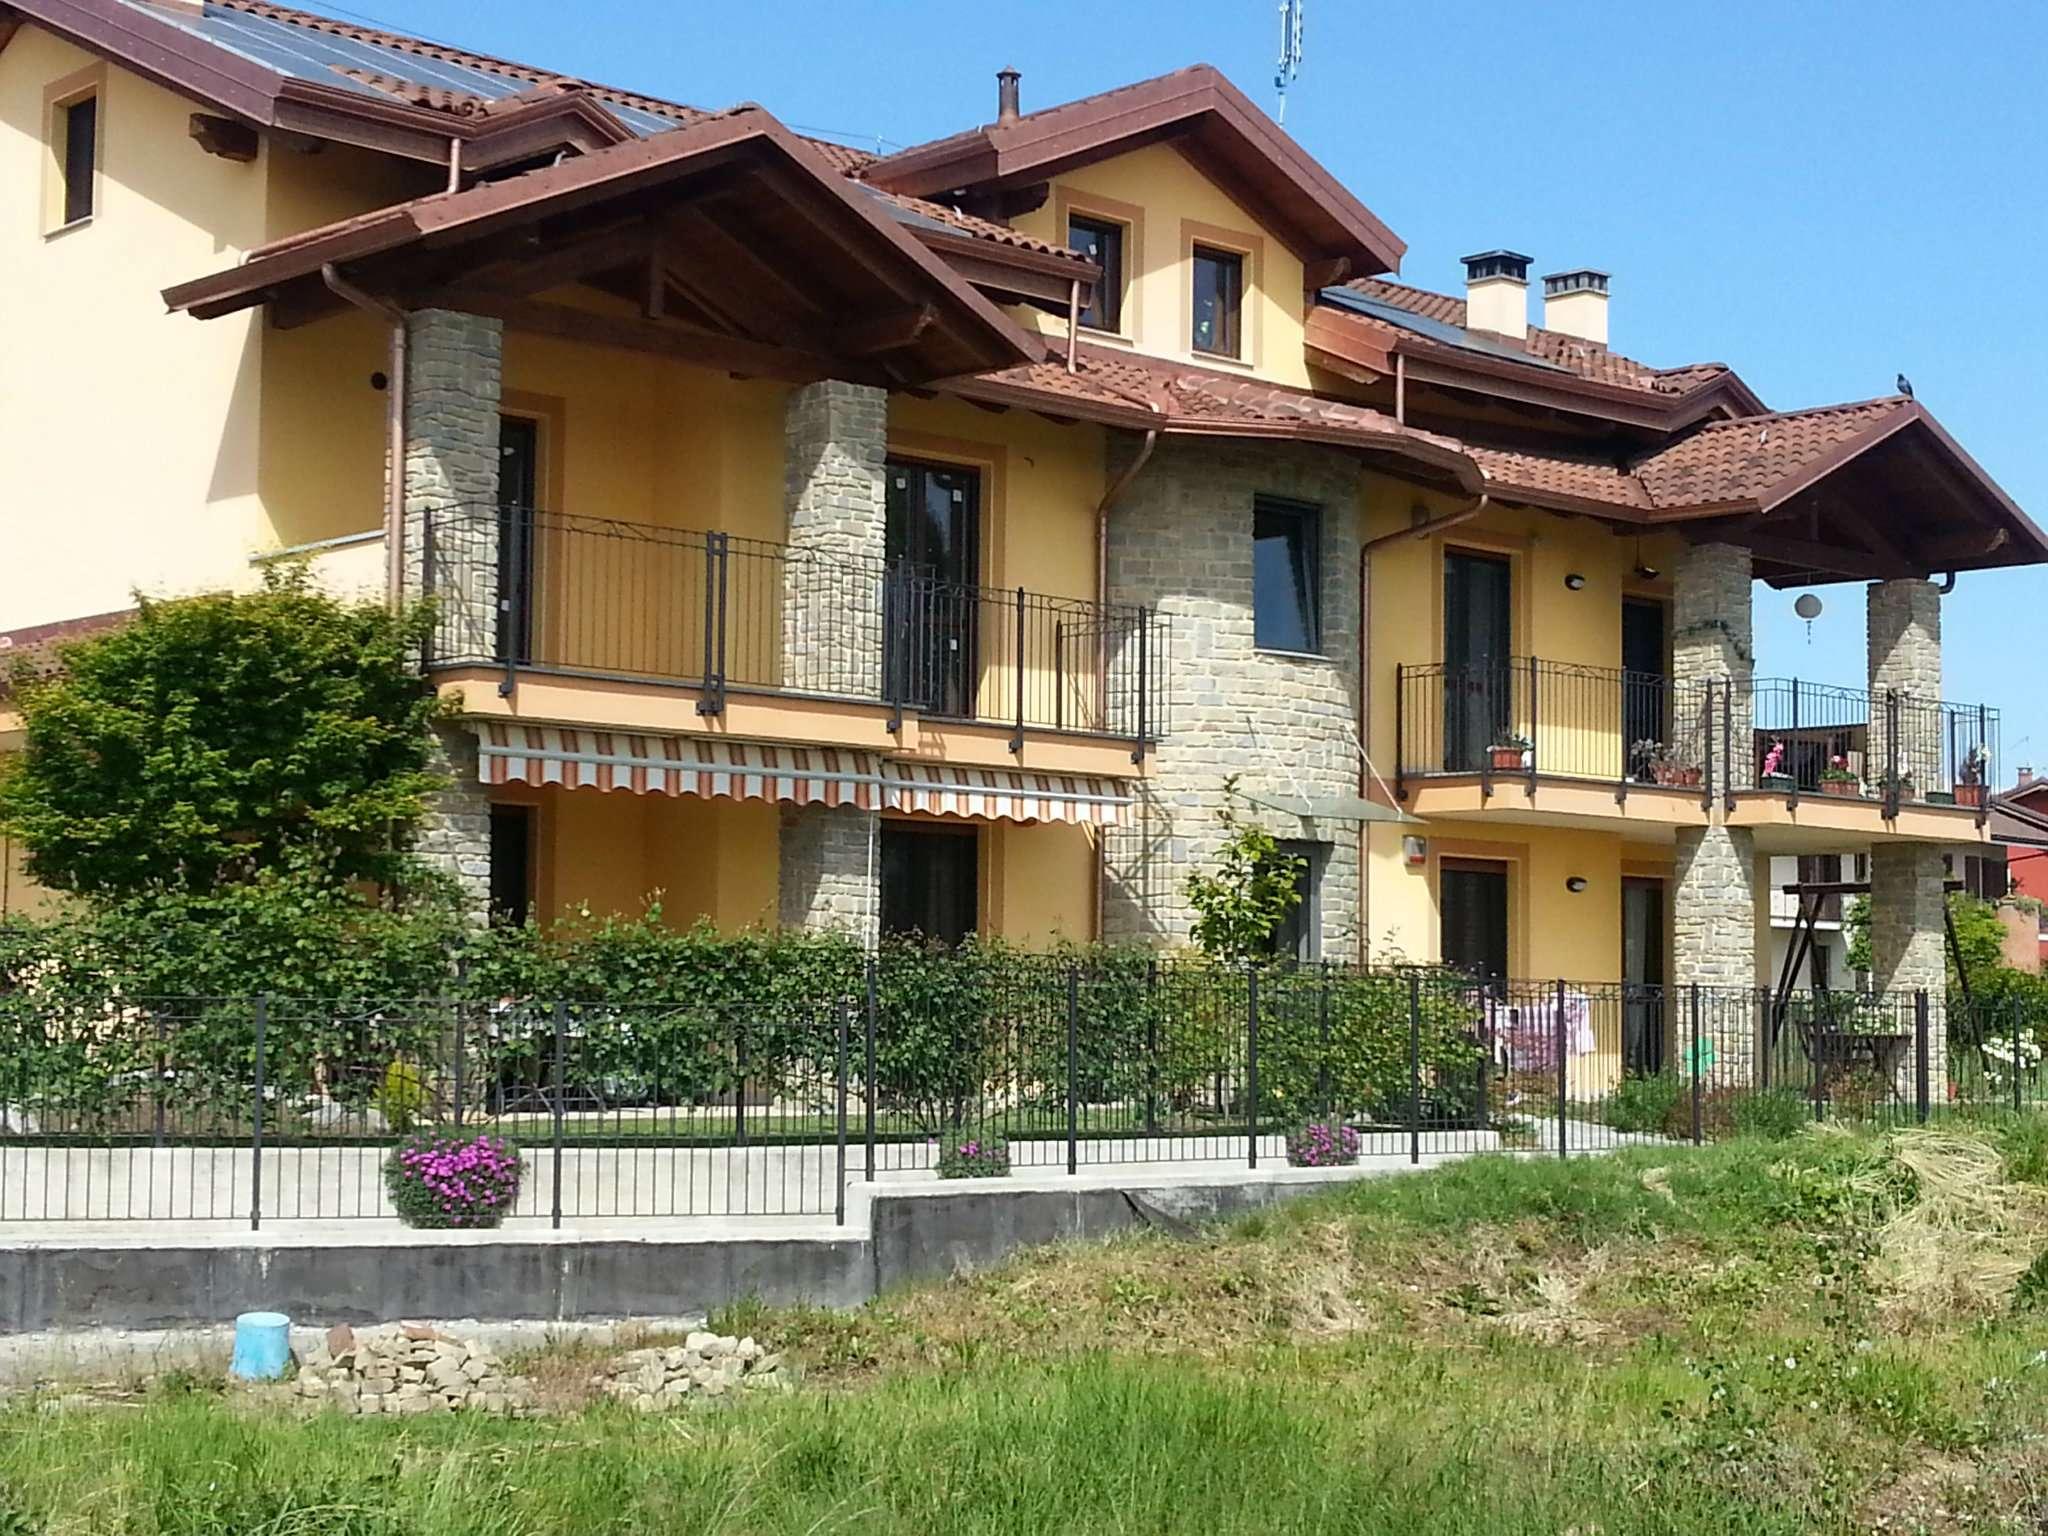 Appartamento in vendita a Poirino, 6 locali, prezzo € 198.000 | CambioCasa.it